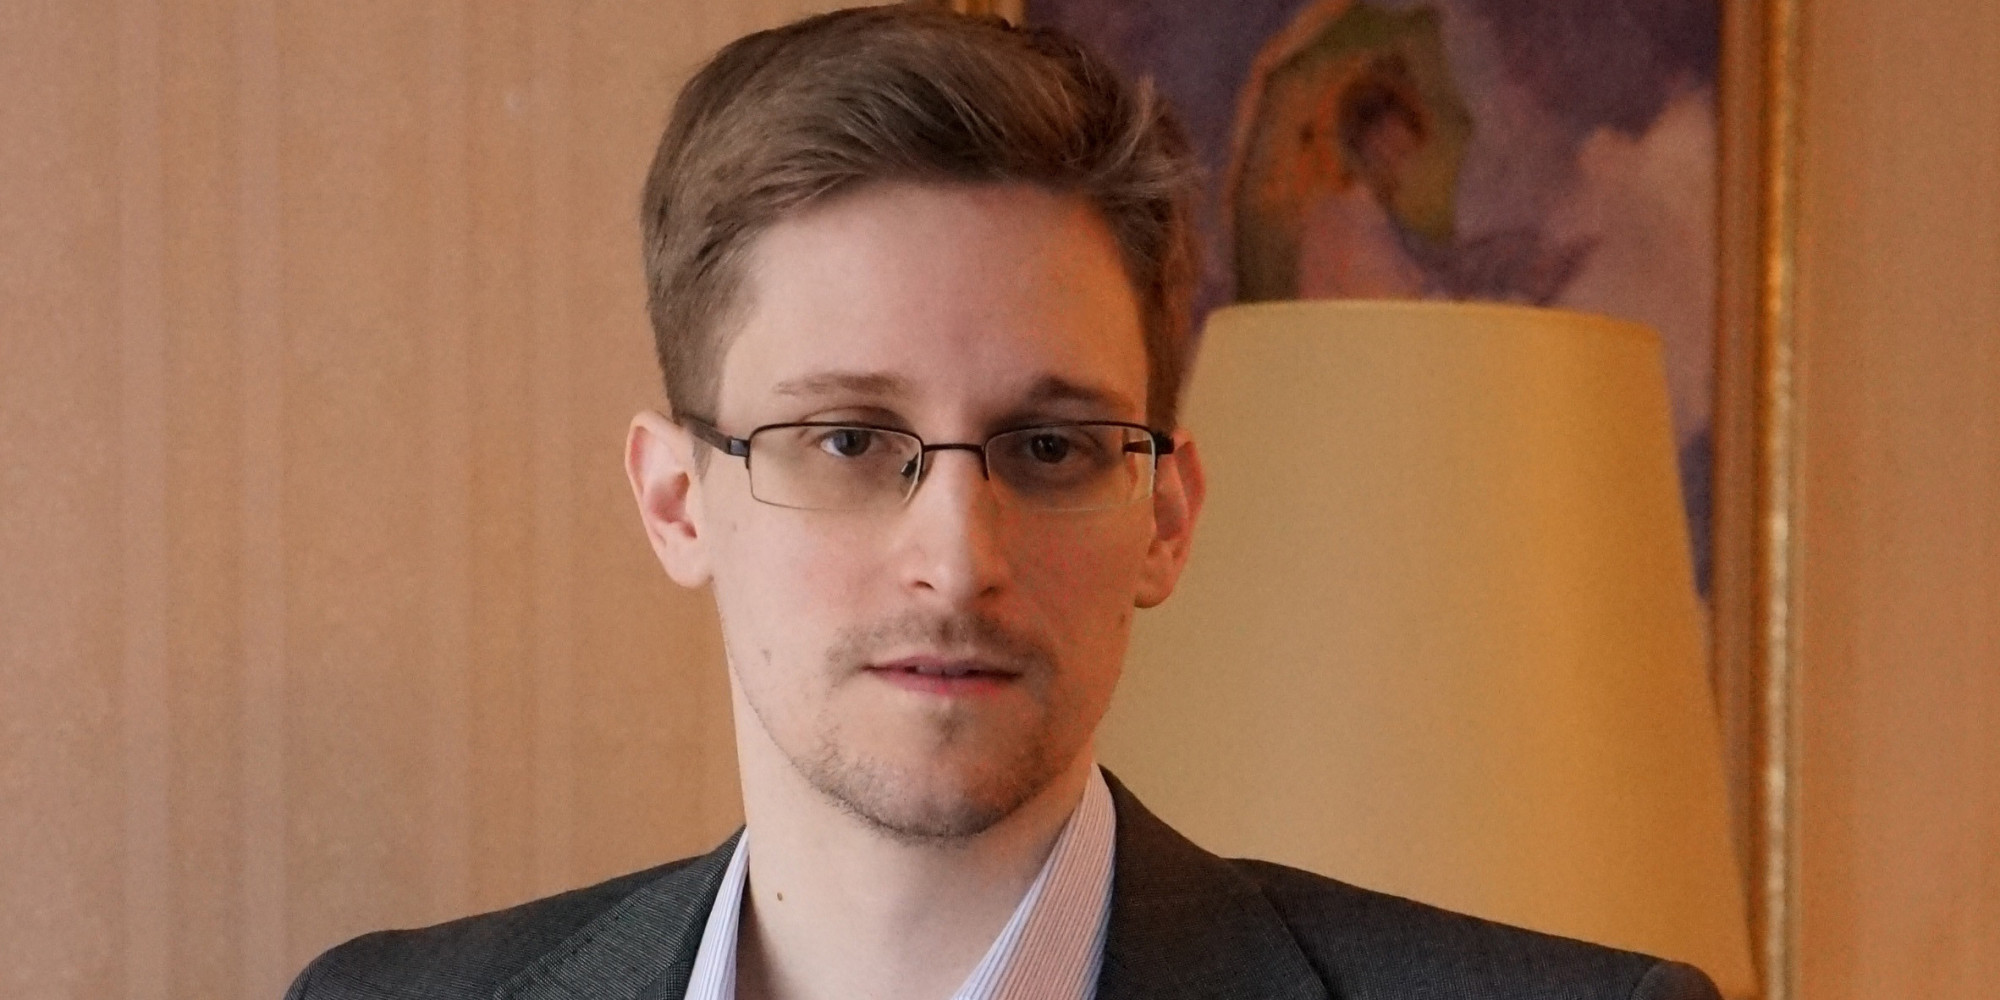 Сноуден переехал в Россию в 2014 году. Фото: nbcnews.com